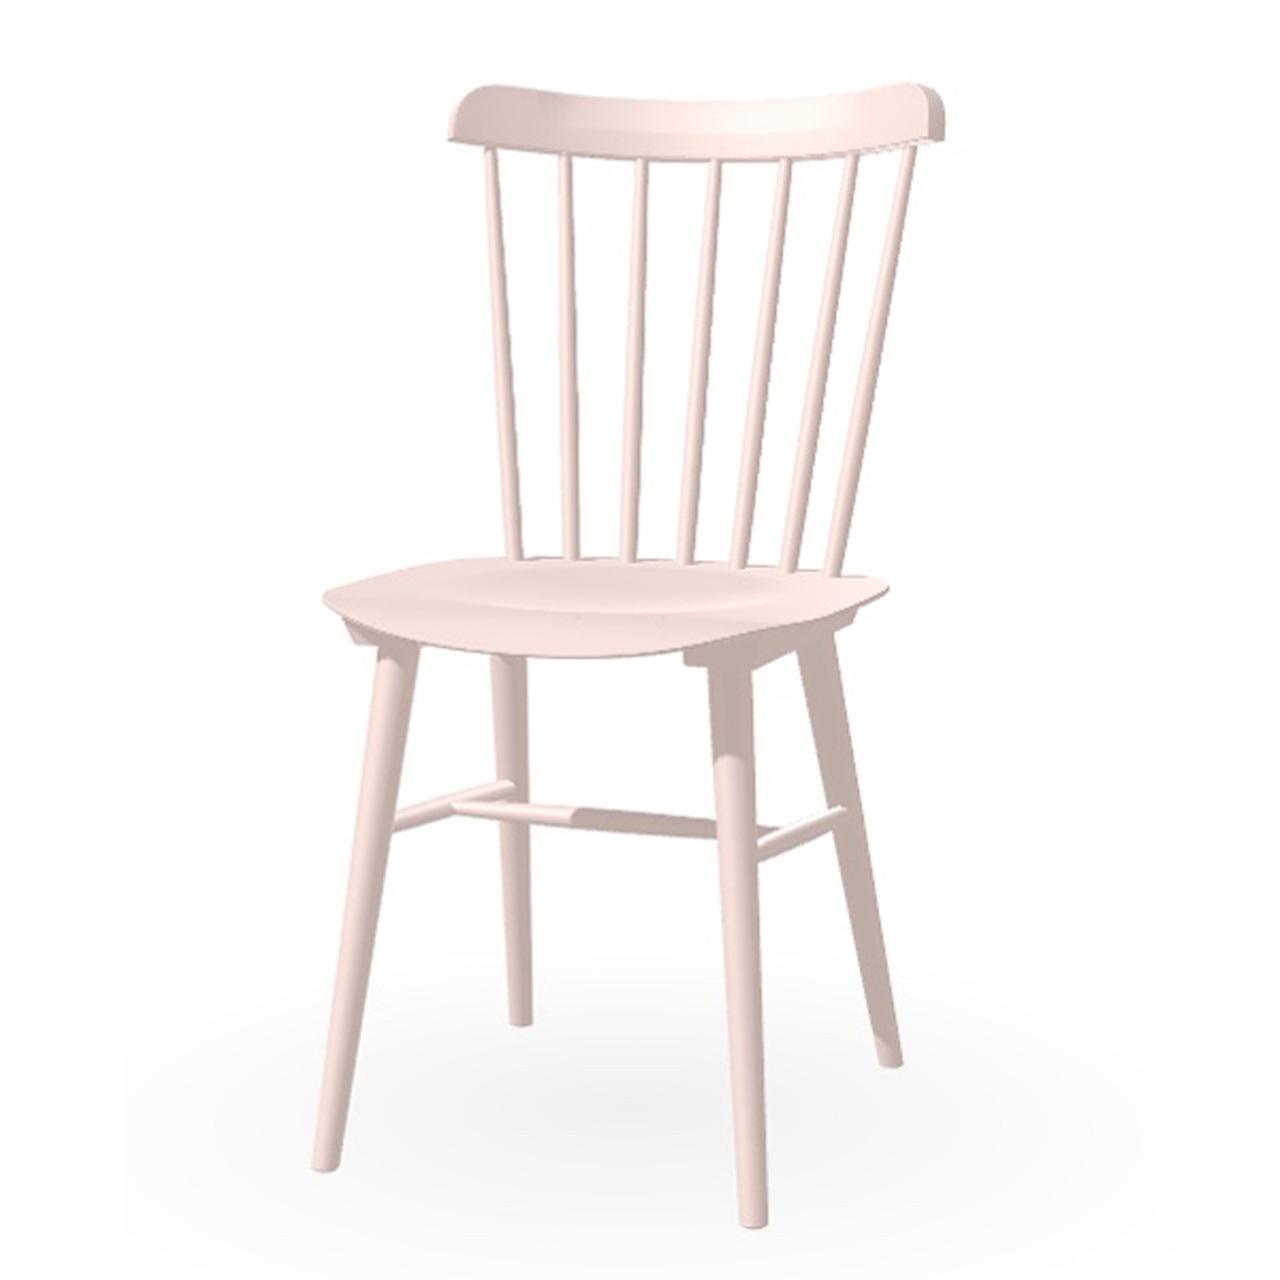 Ton Stuhl im Retro-Stil für den Esstisch  Eiche Pigmentiert Hellrosa (B 40),  Helle Kunststoffgleiter